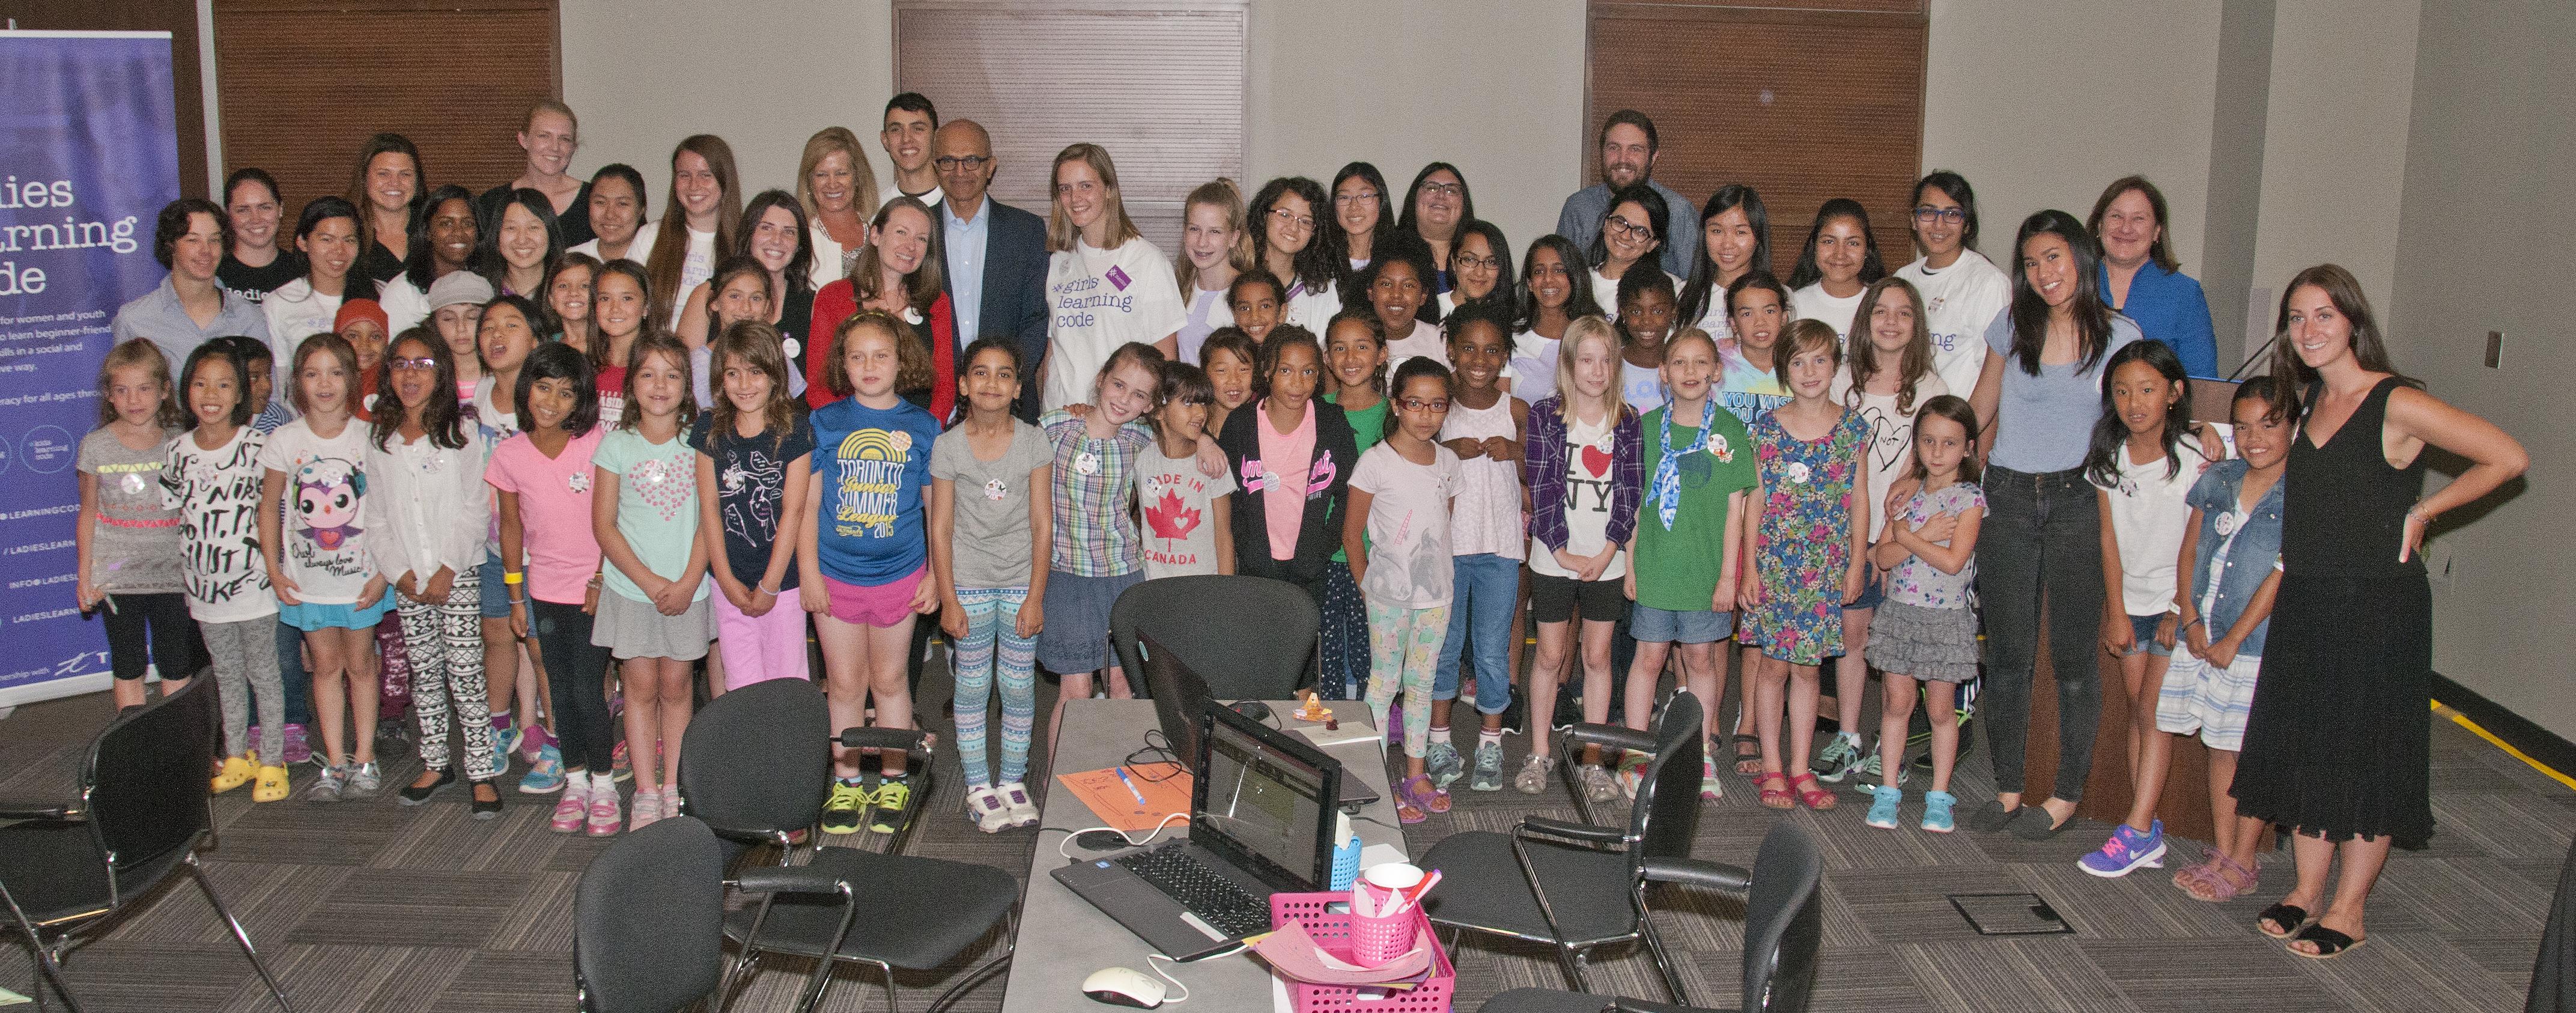 Microsoft Global CEO Satya Nadella visits Girls Learning Code camp!